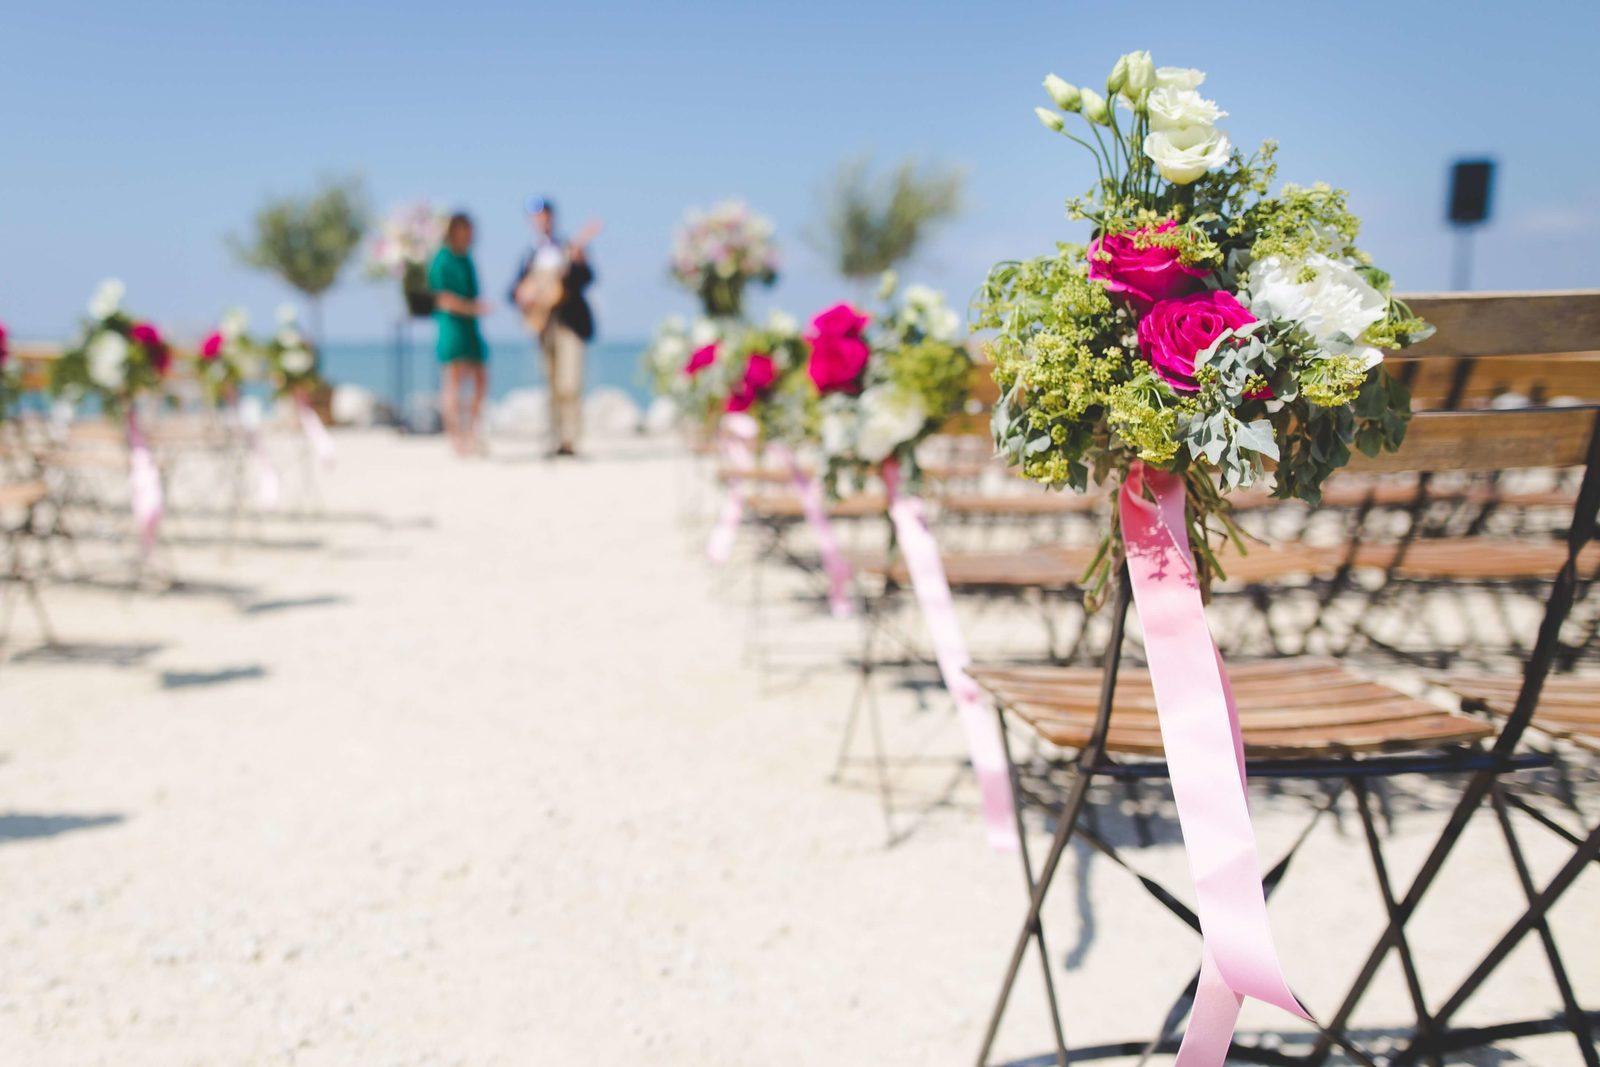 Una boda en Bonaire: ¿quién no quiere casarse en un lugar tan grandioso como este? ¡Declara tu amor en la playa y baila con tu pareja!